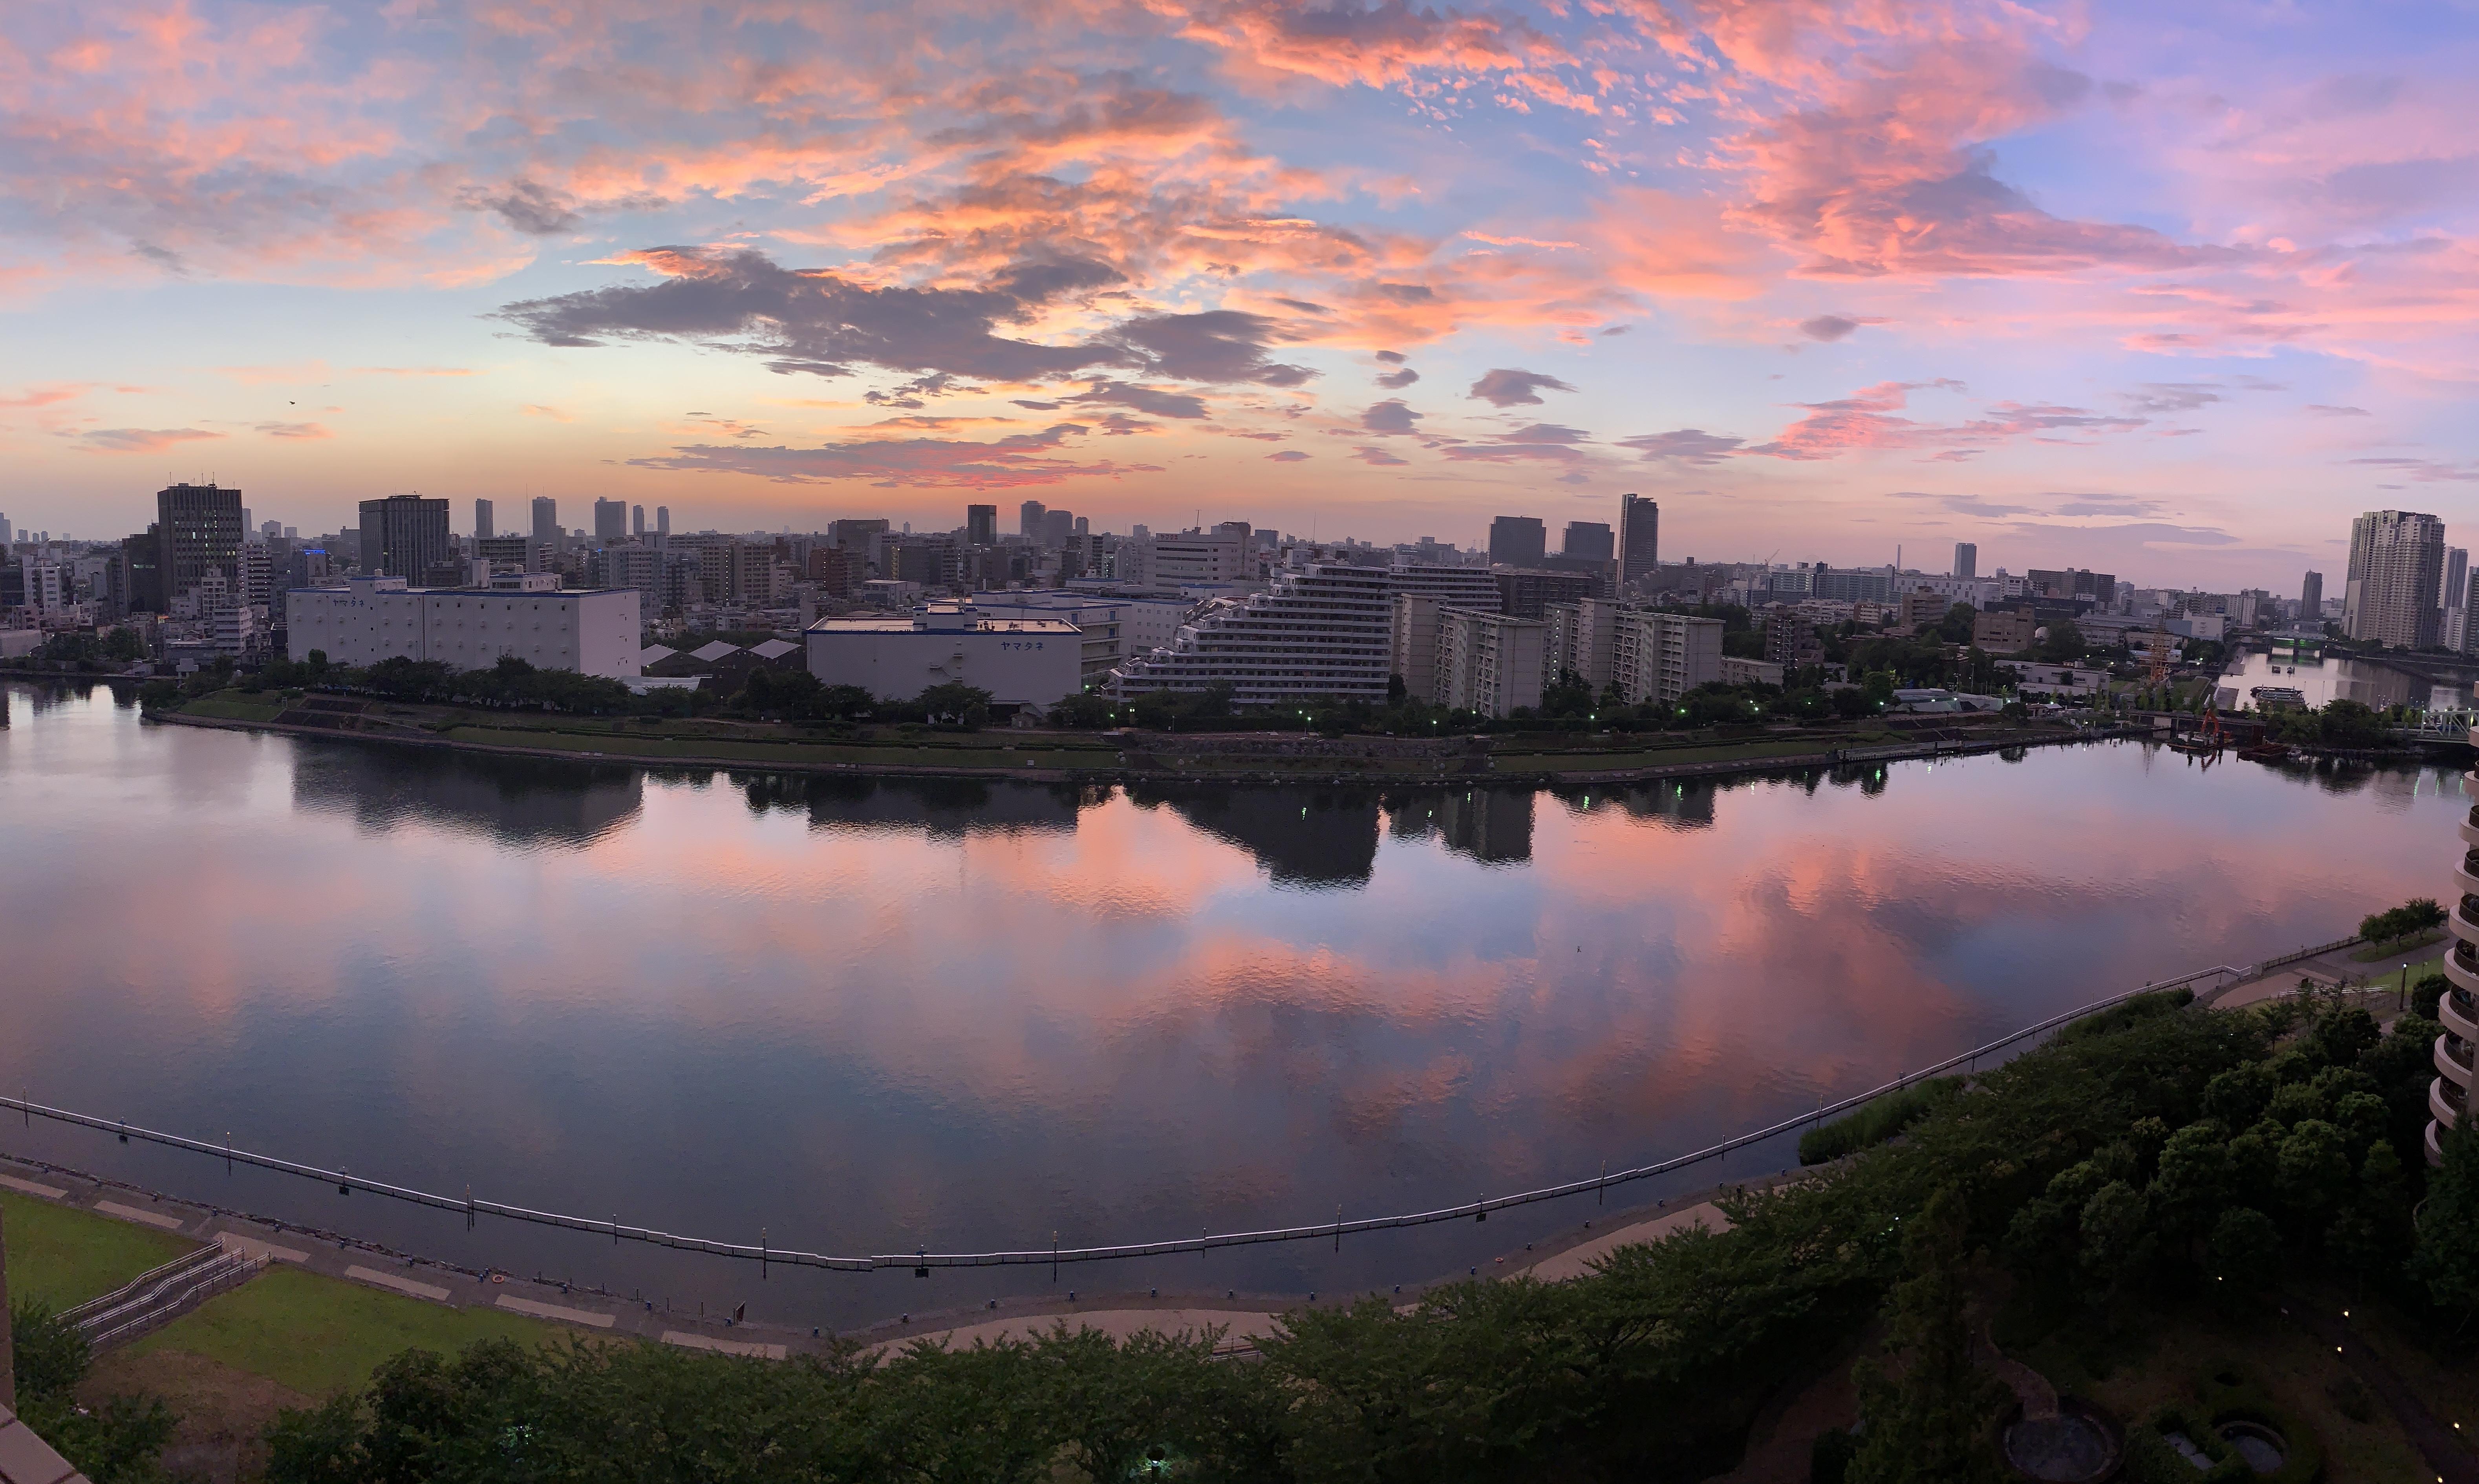 空も川も可愛いピンク「素晴らしい」